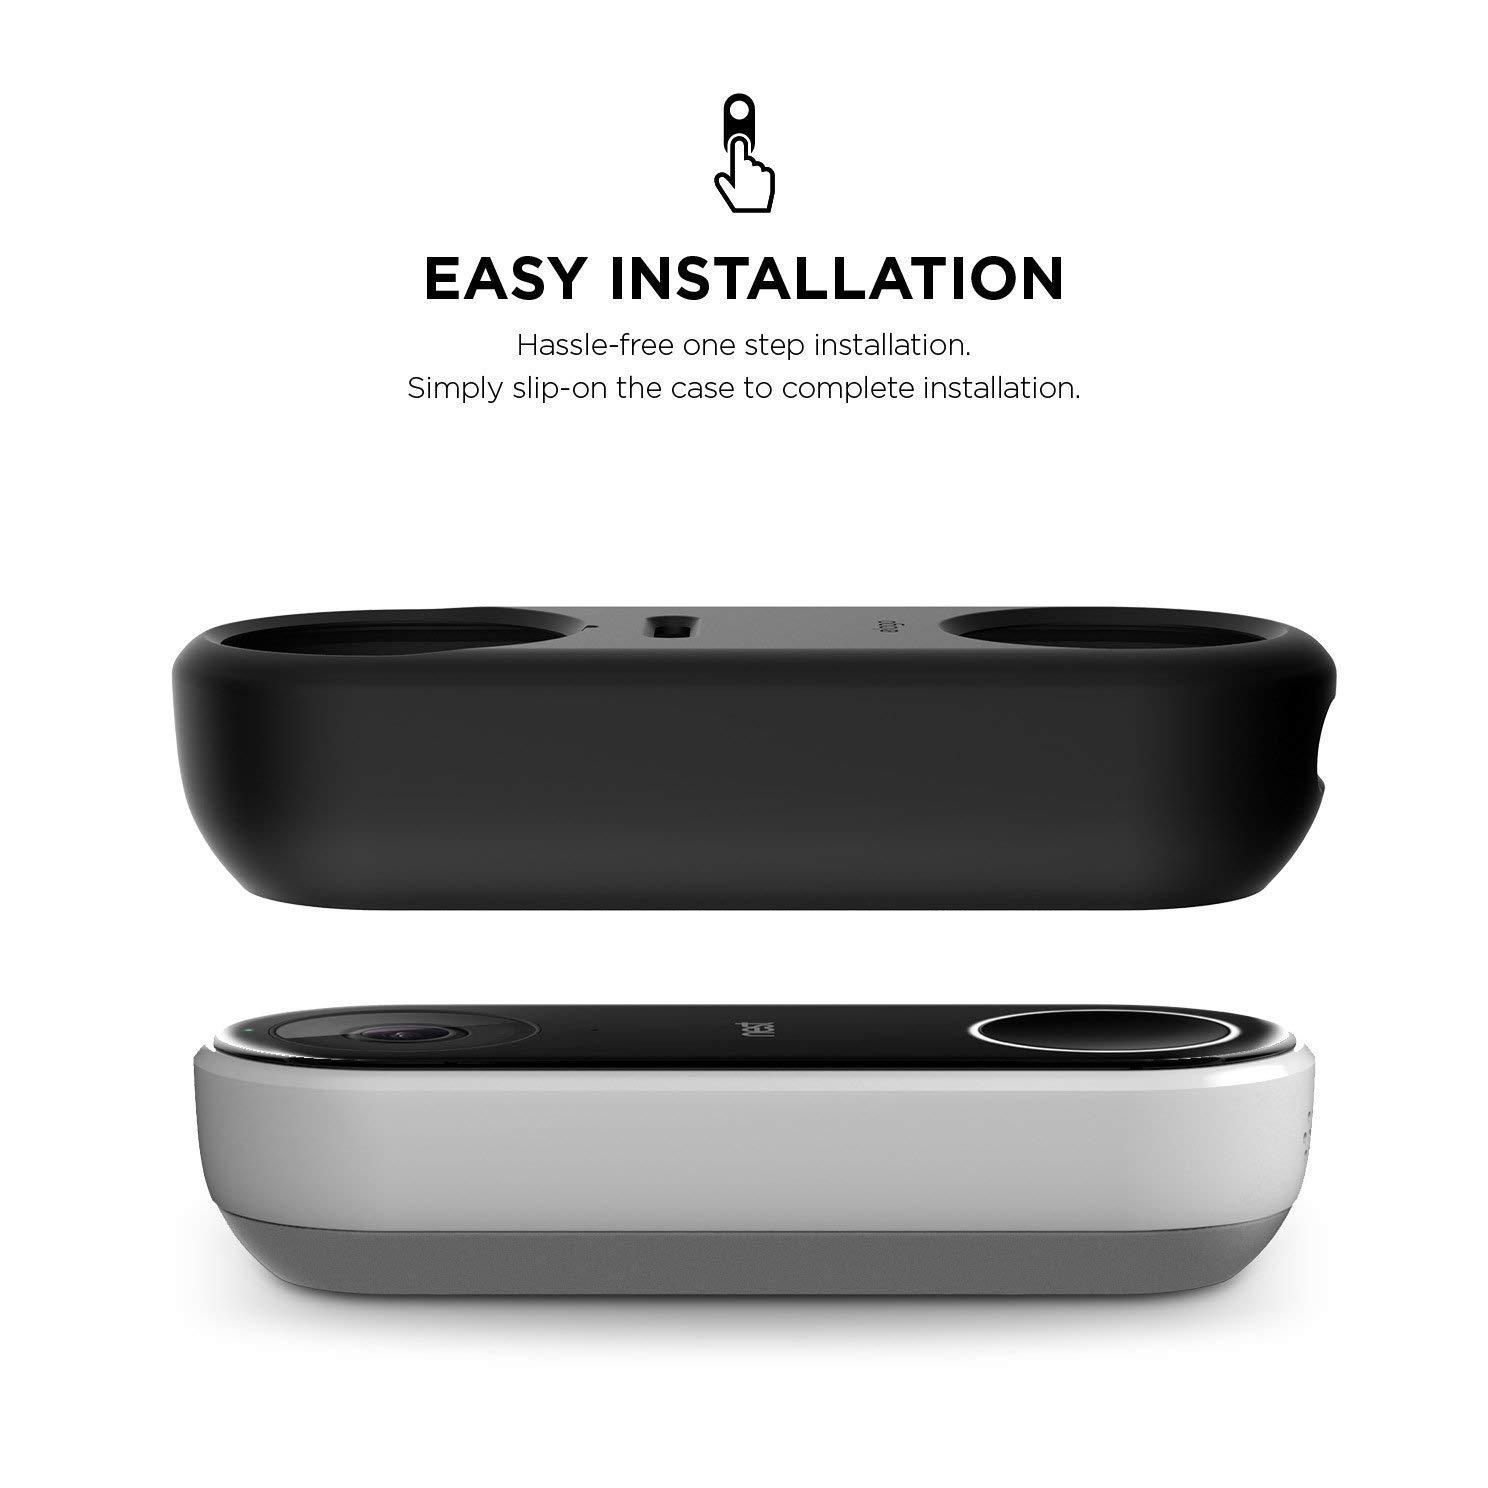 Noir en Attente de Brevet elago /Étui pour Nest Hello Compatible avec La Vision Nocturne Mat/ériau Durable R/ésistant aux UV